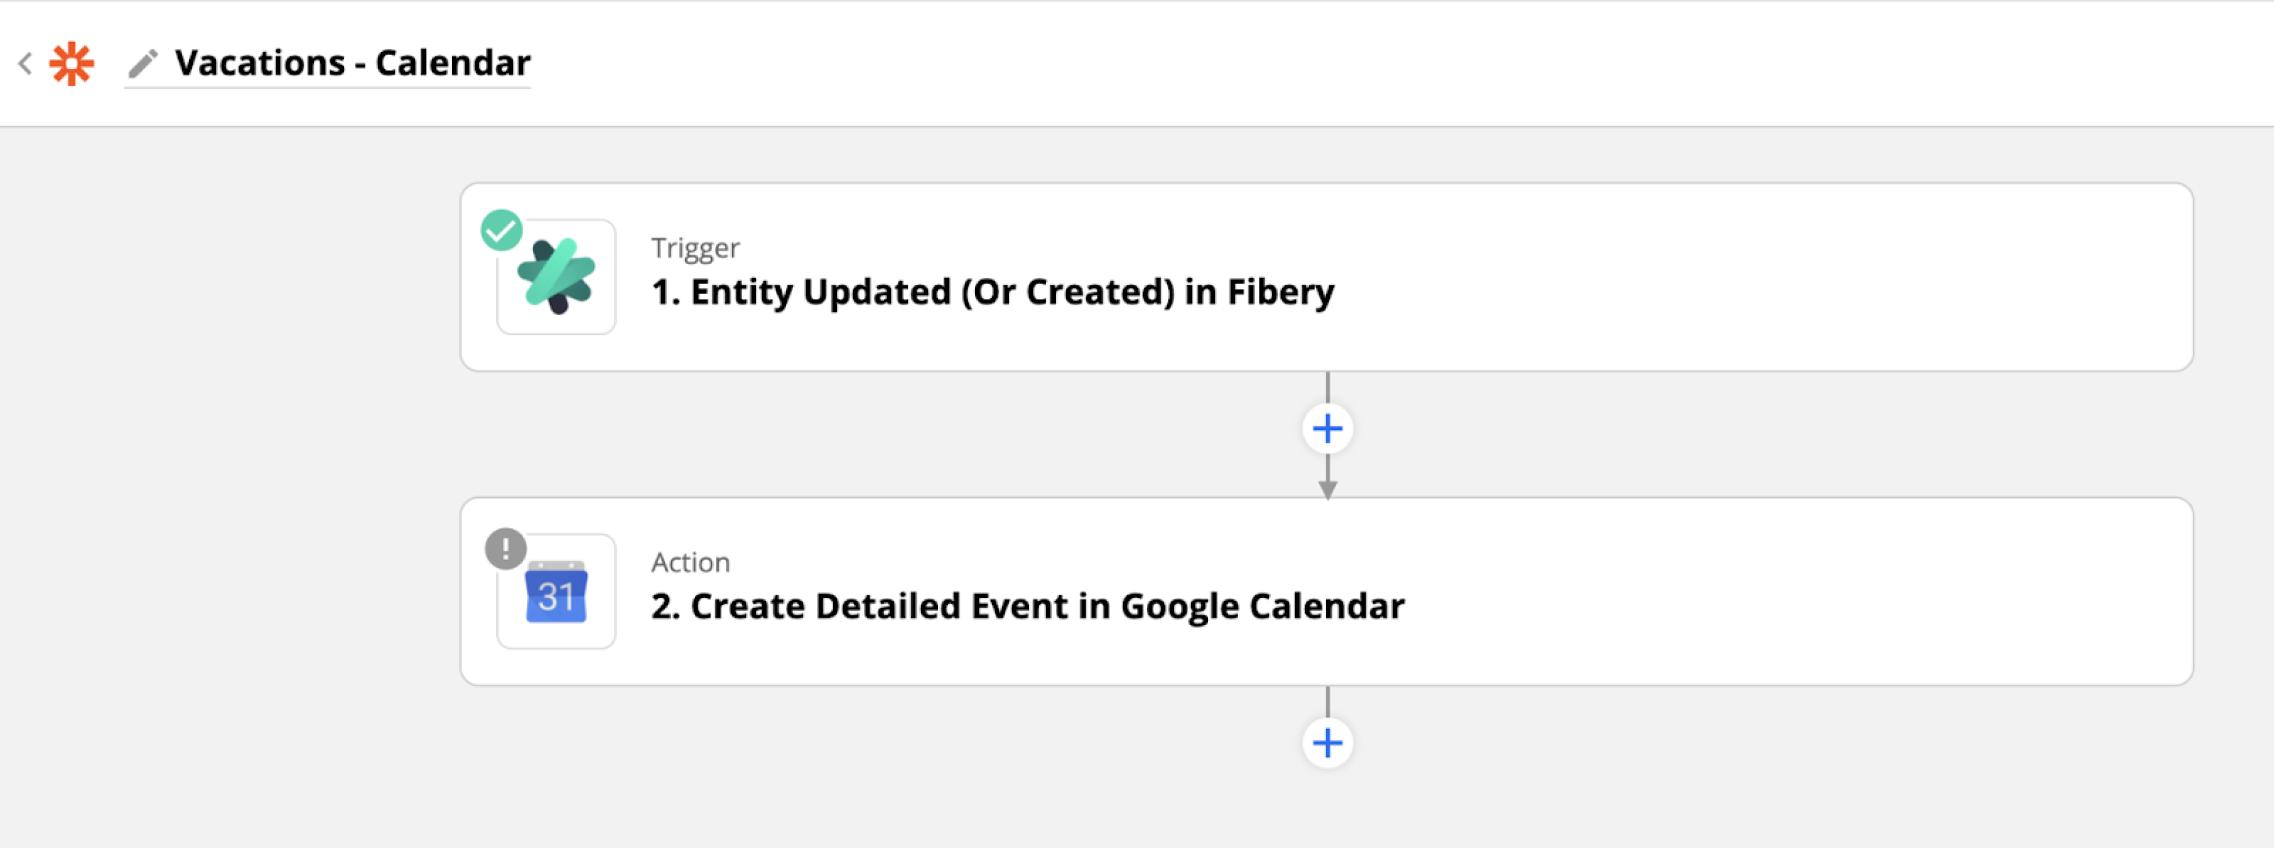 vacation on a Google Calendar